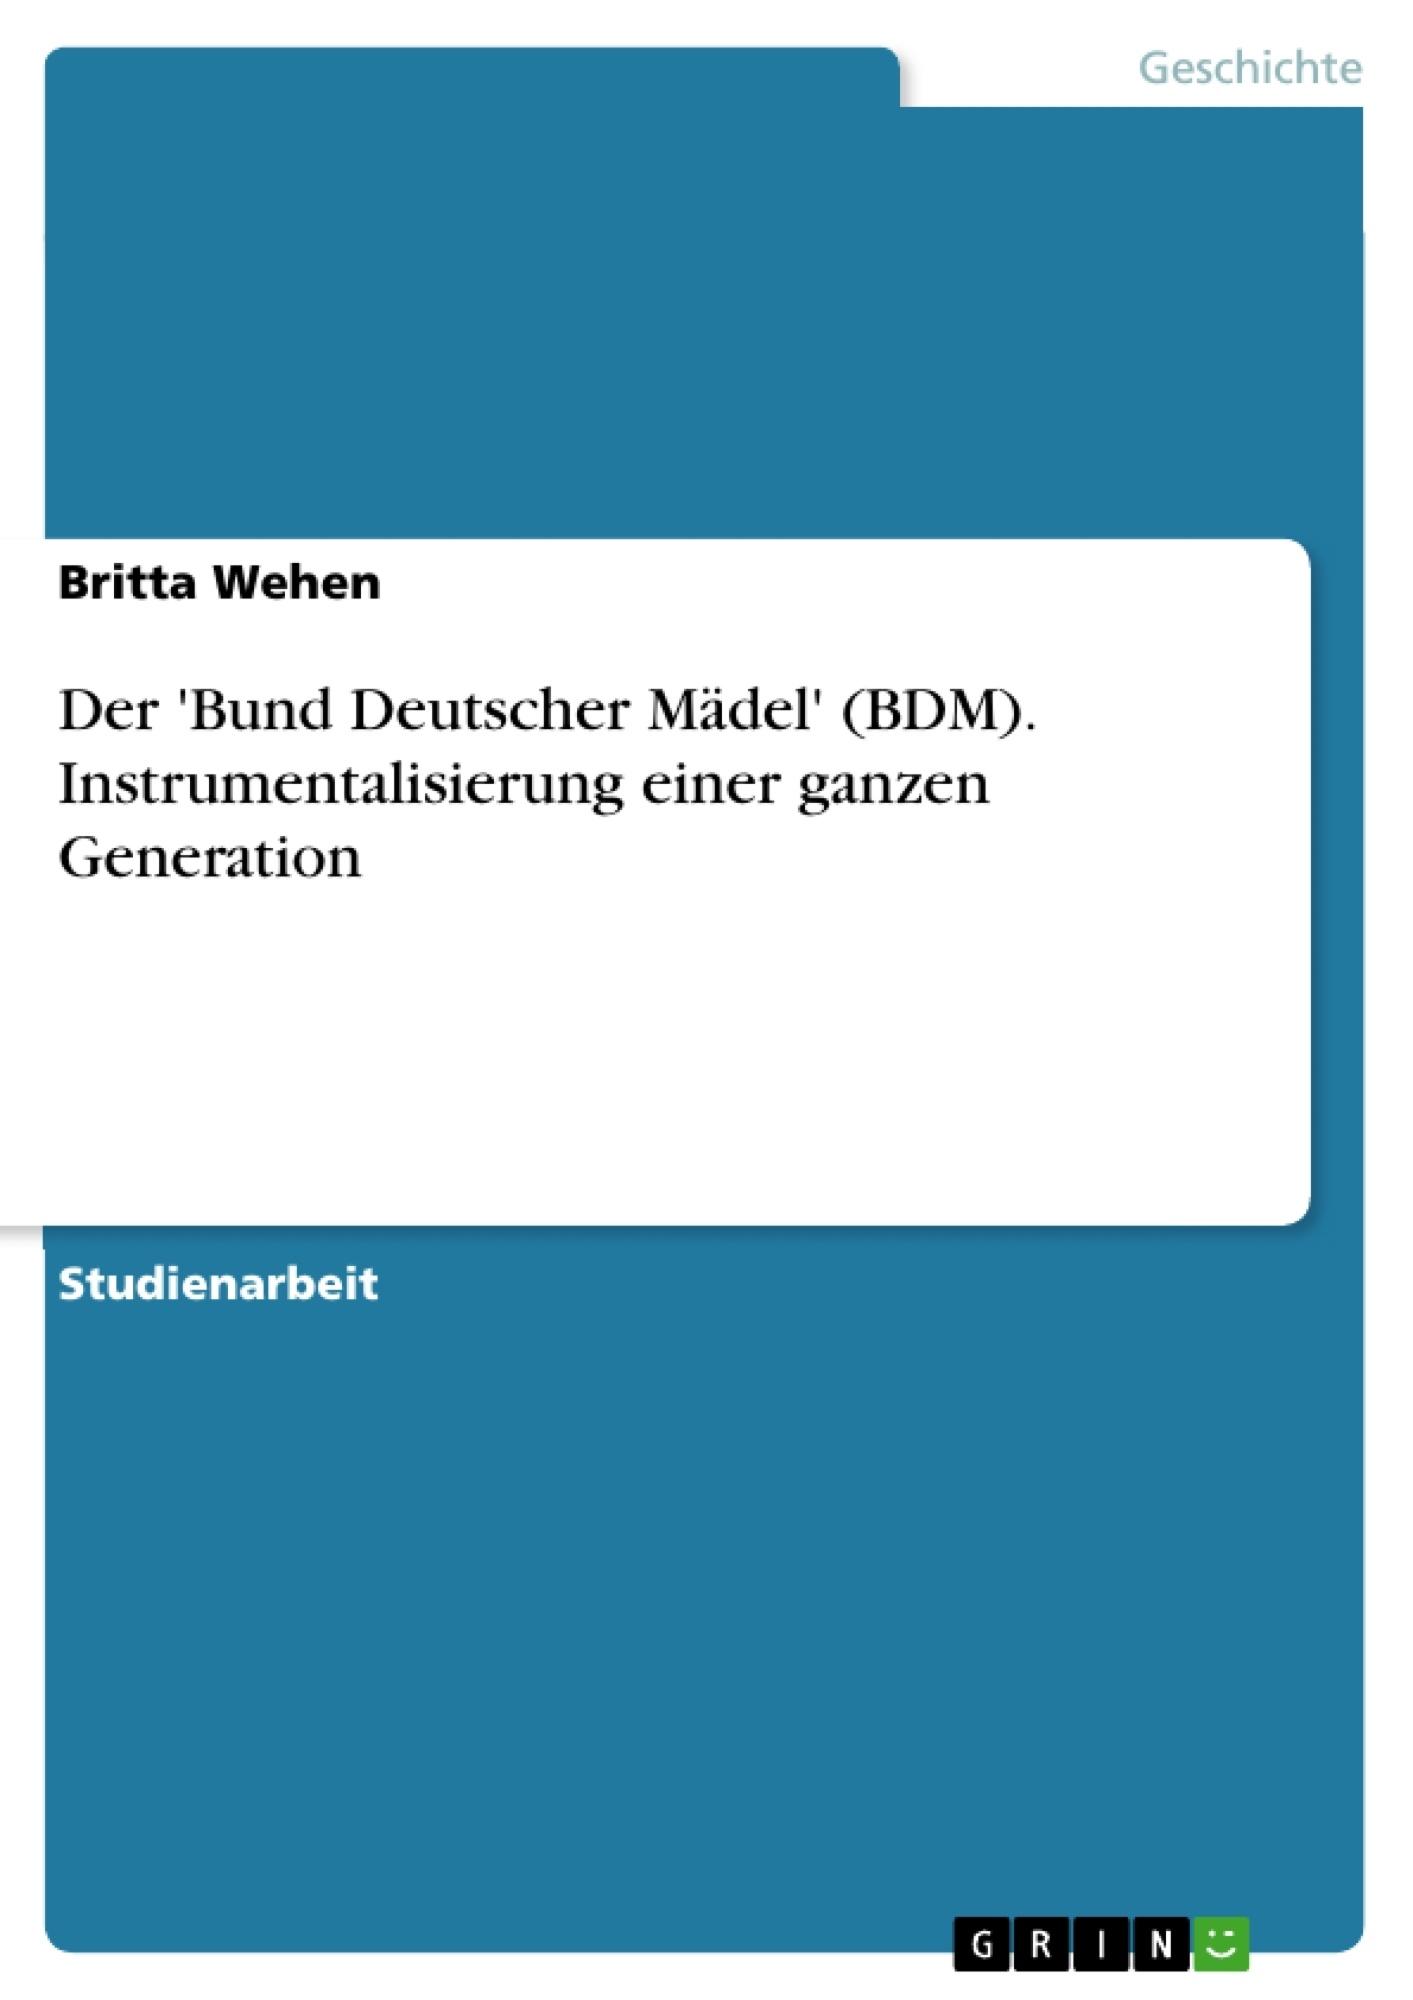 Titel: Der 'Bund Deutscher Mädel' (BDM). Instrumentalisierung einer ganzen Generation